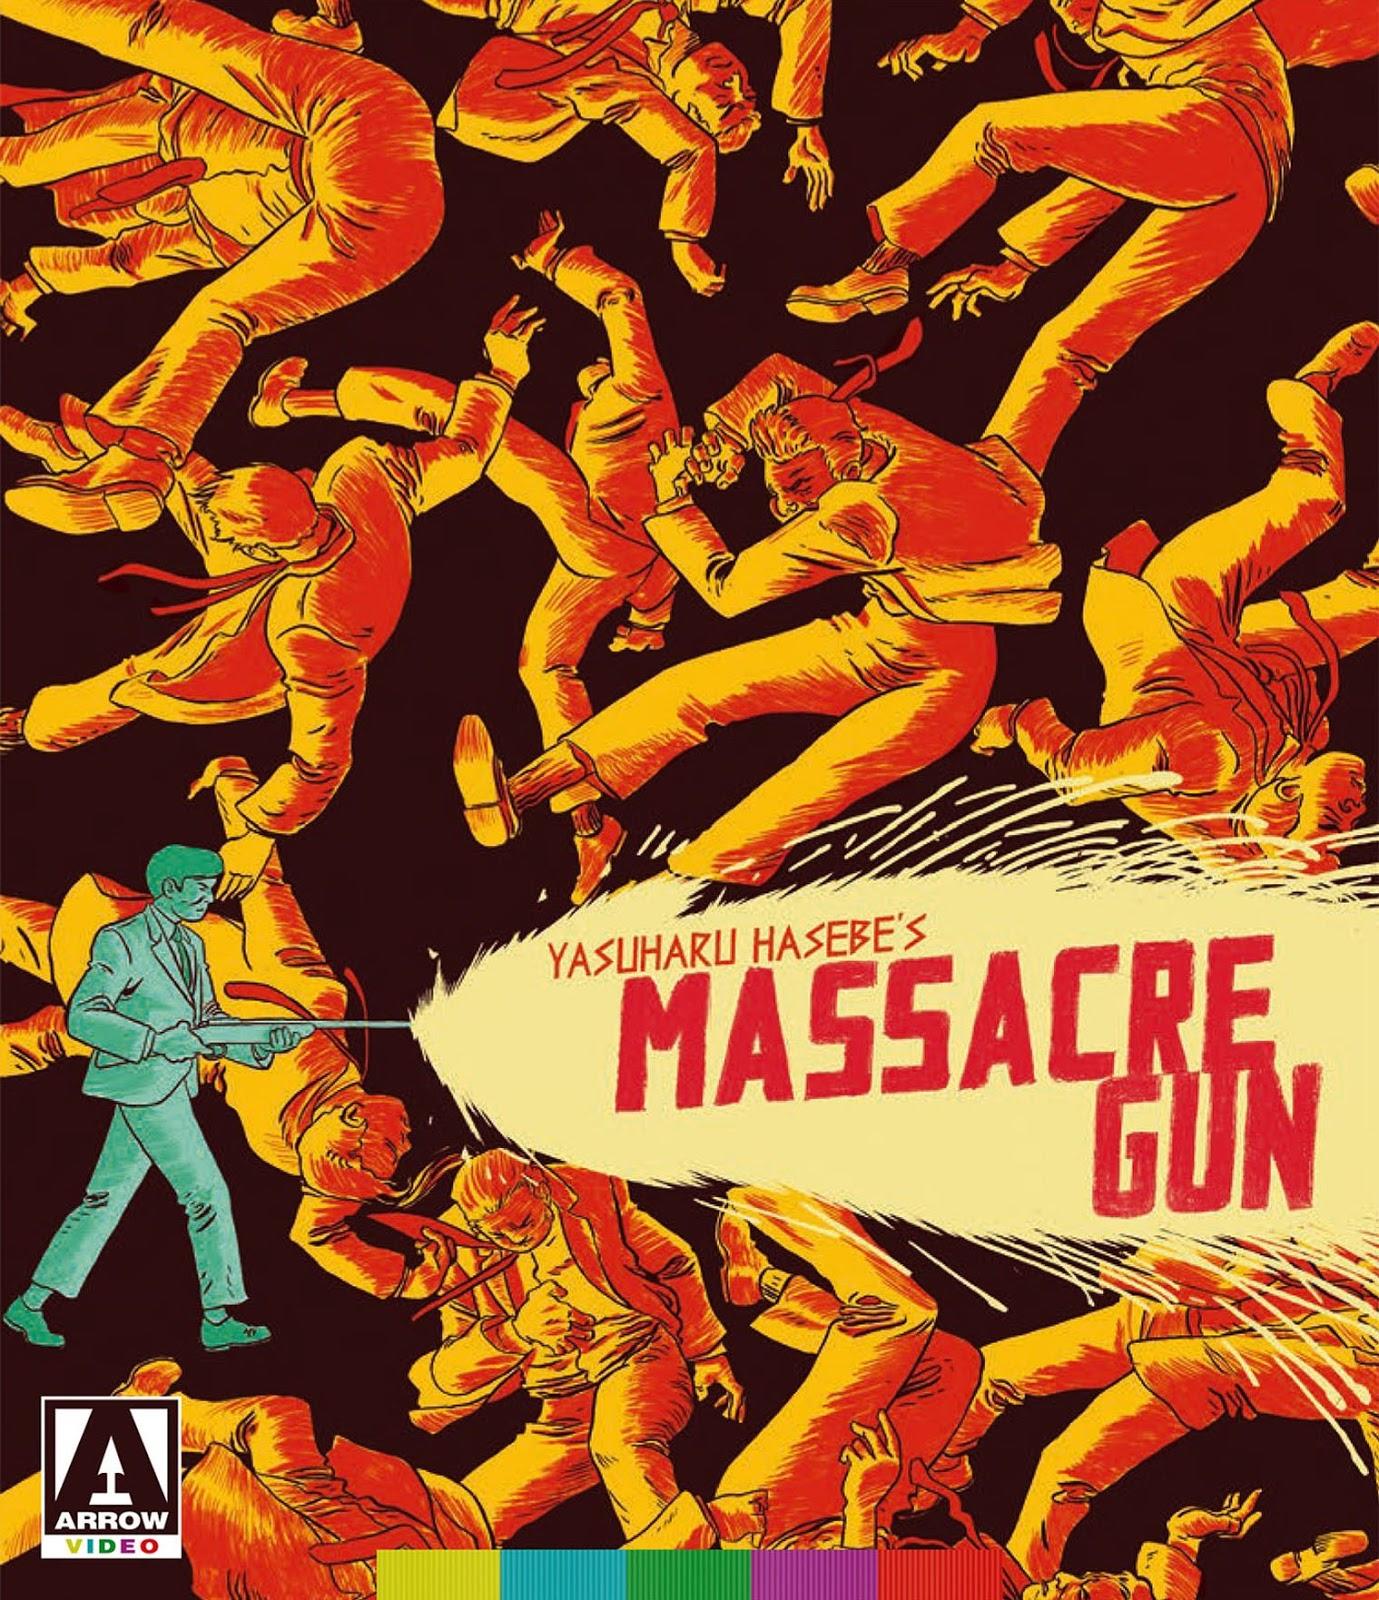 Arrow Video: Massacre Gun (1967) - Reviewed